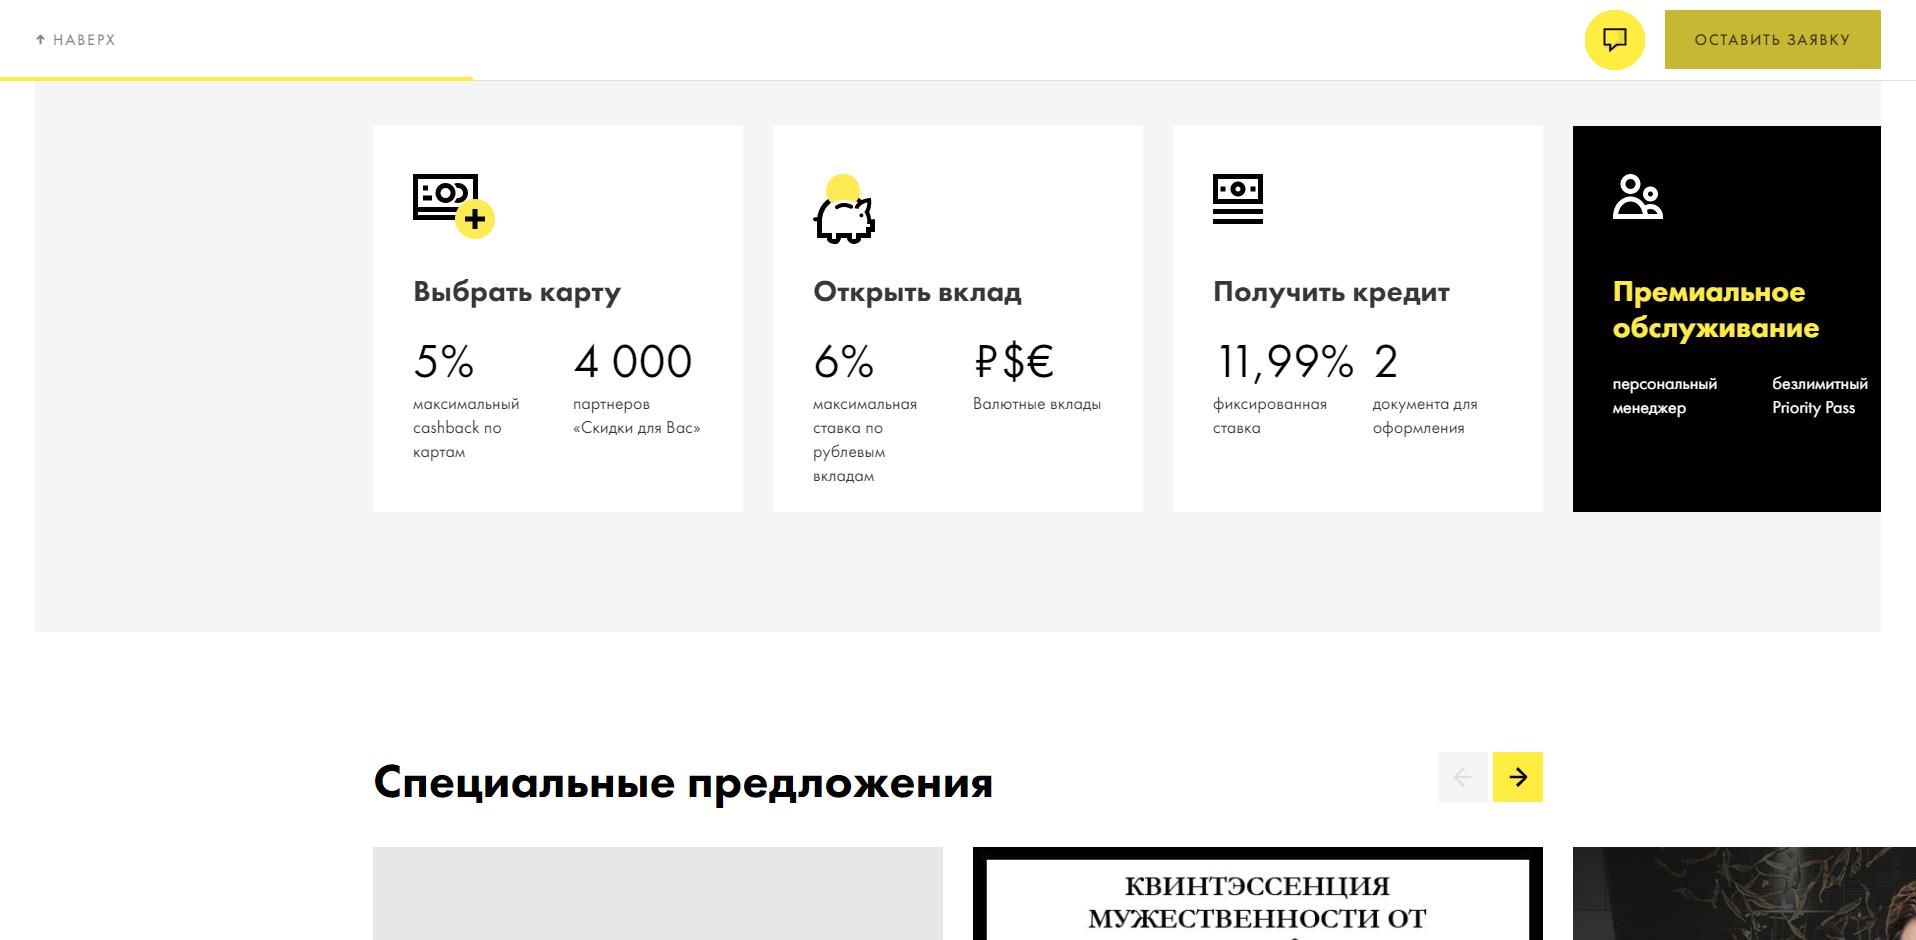 Как делать лучшие сайты в России - 36